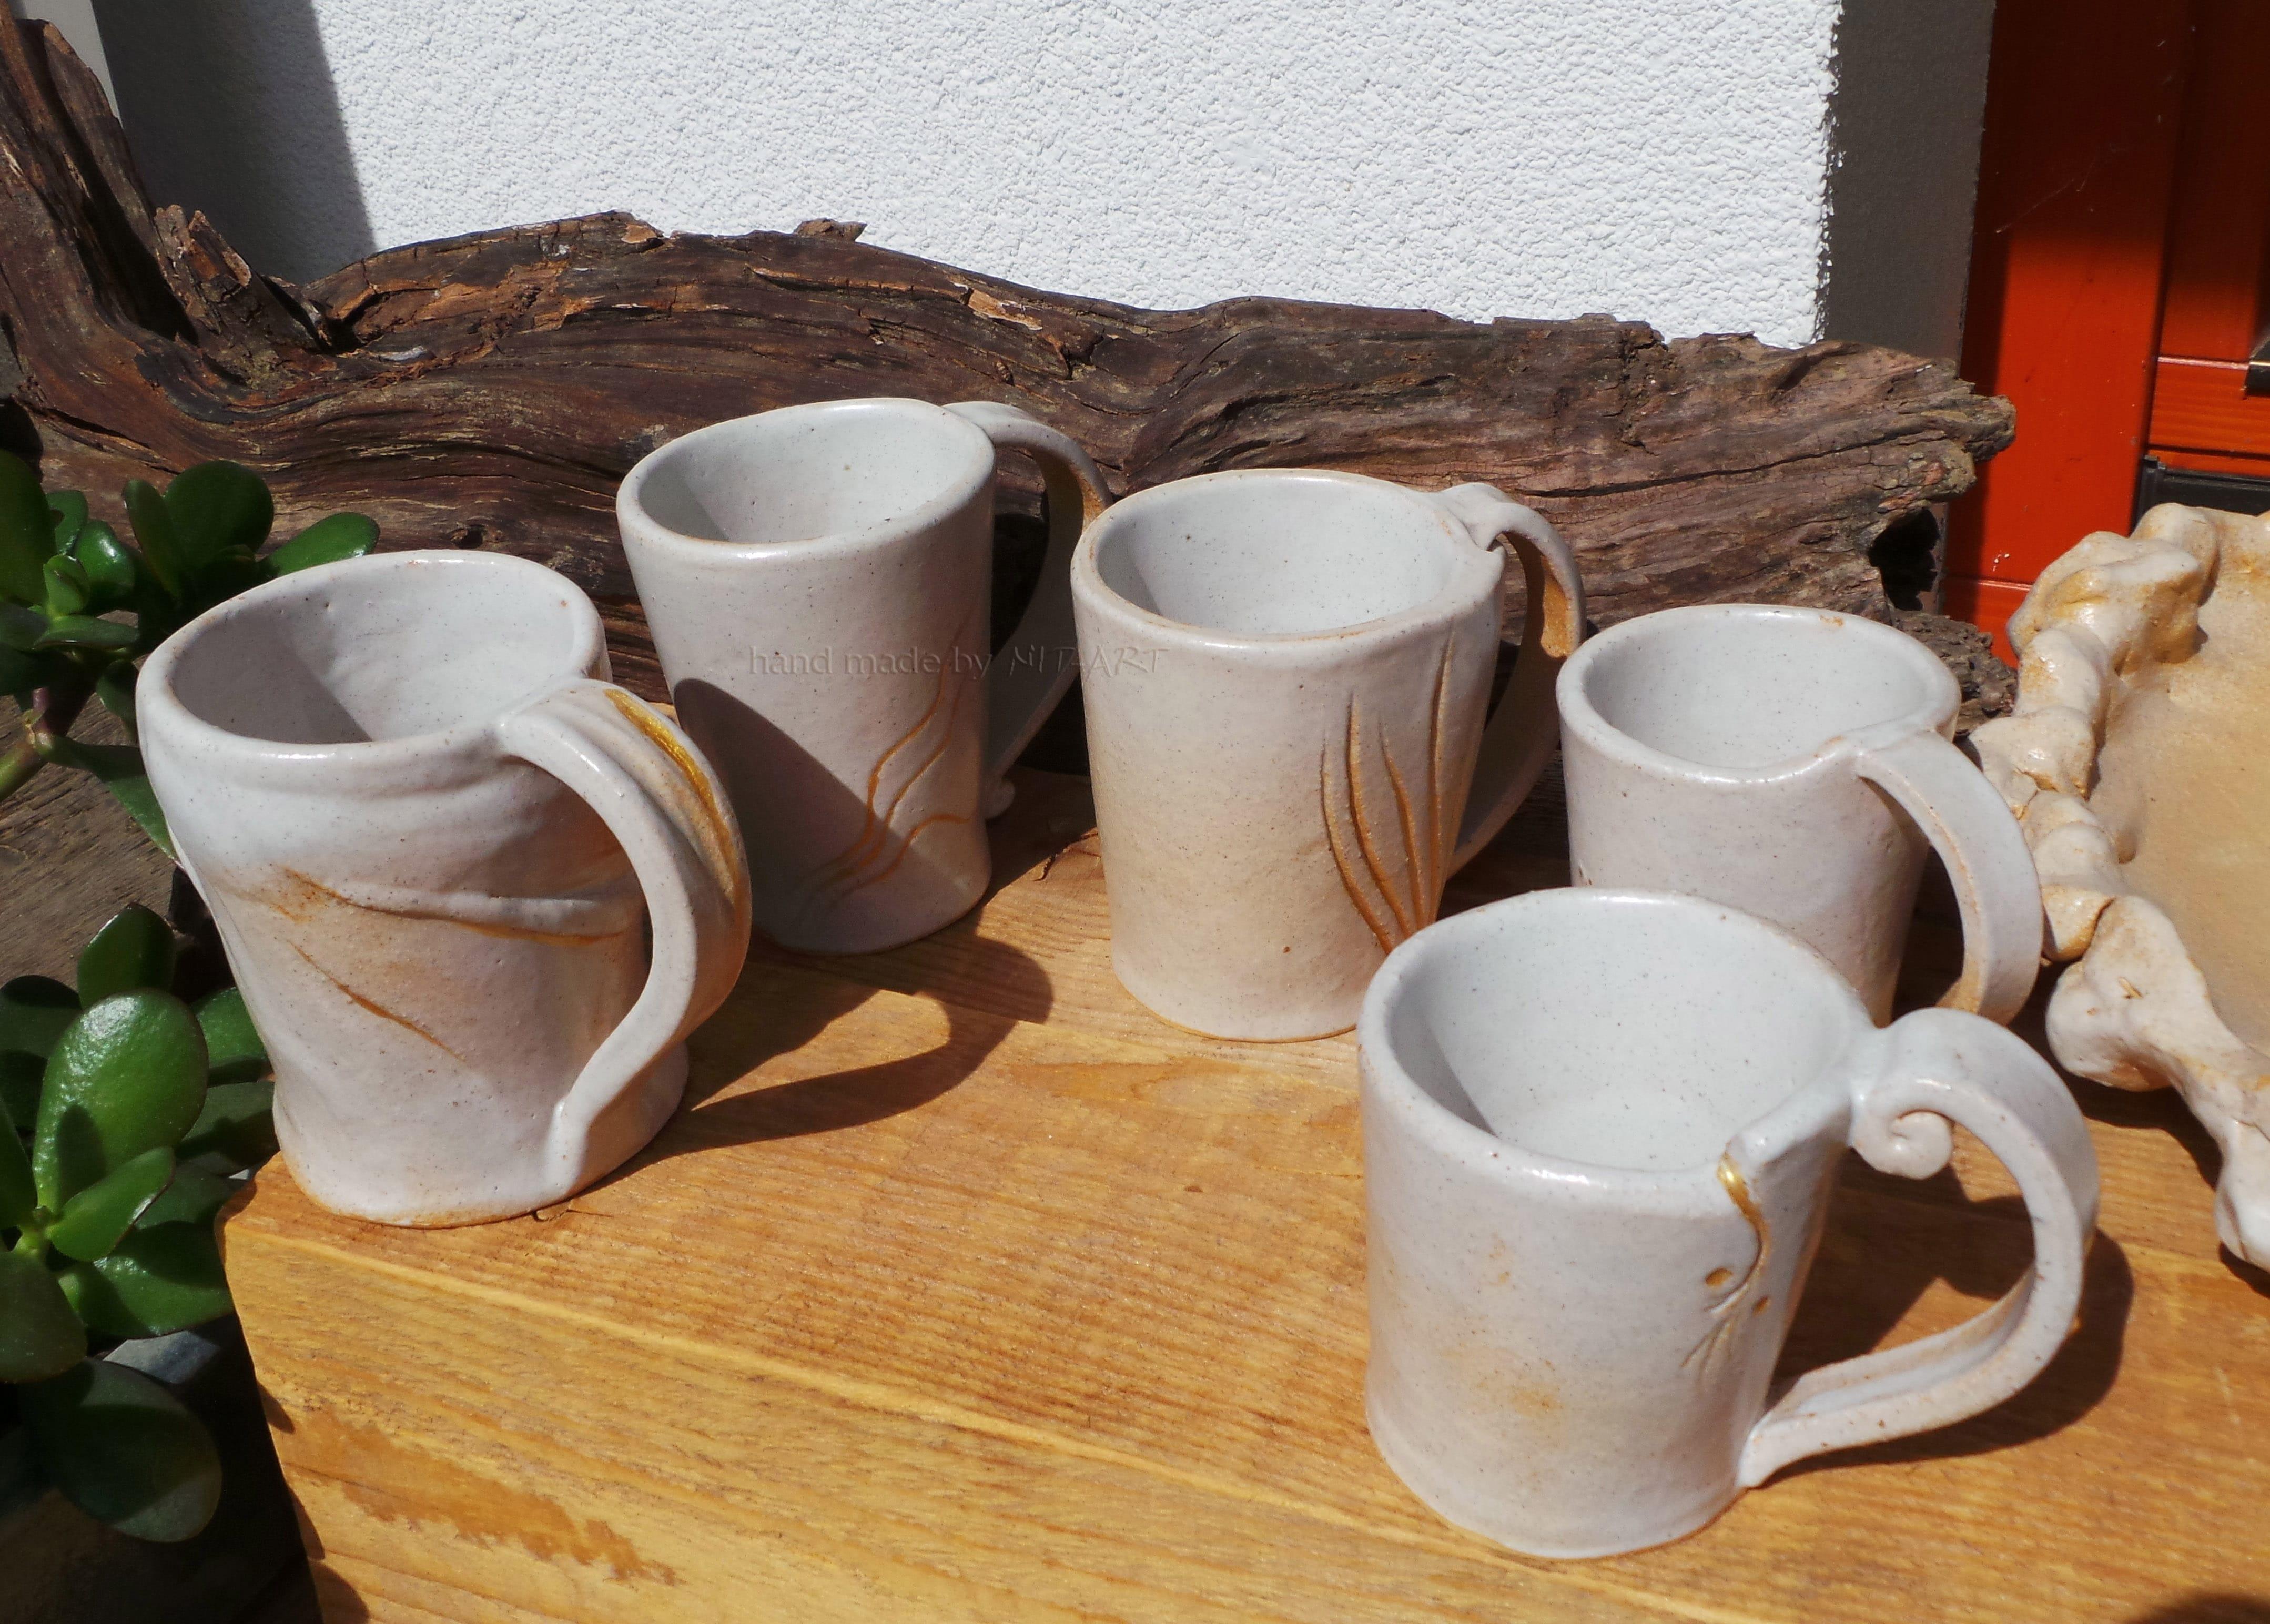 upotrebna_keramika_a5